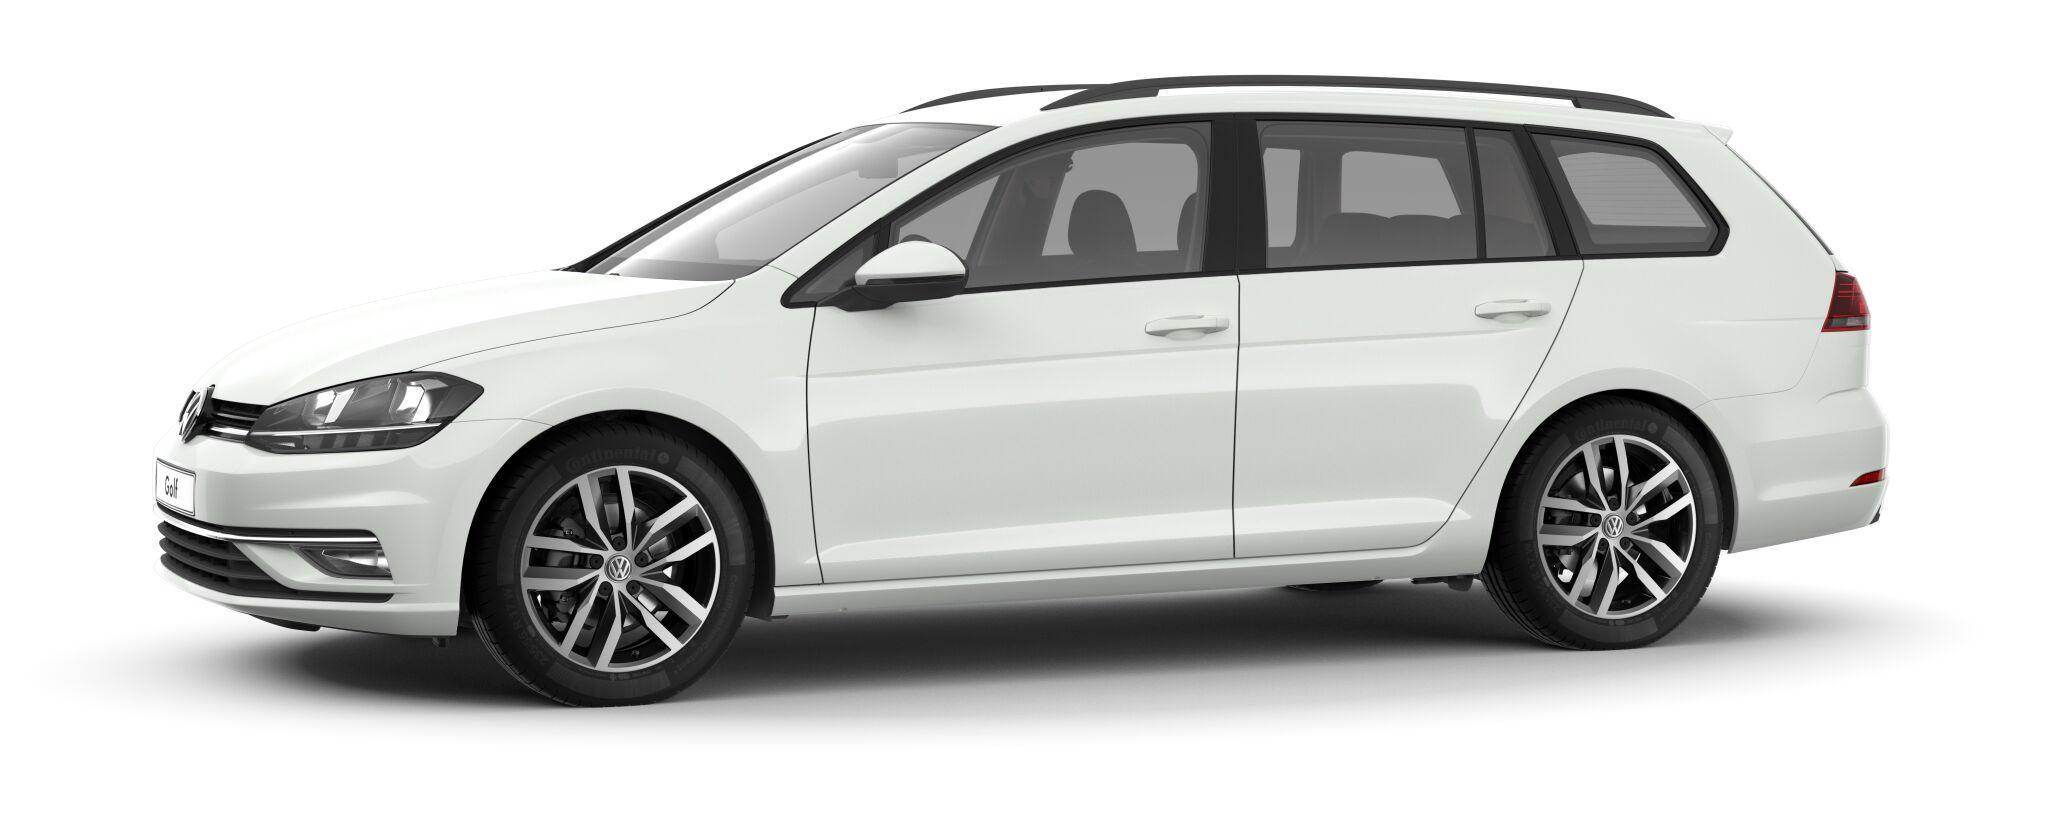 De Golf Variant Zuinig Stijlvol Veilig Volkswagen